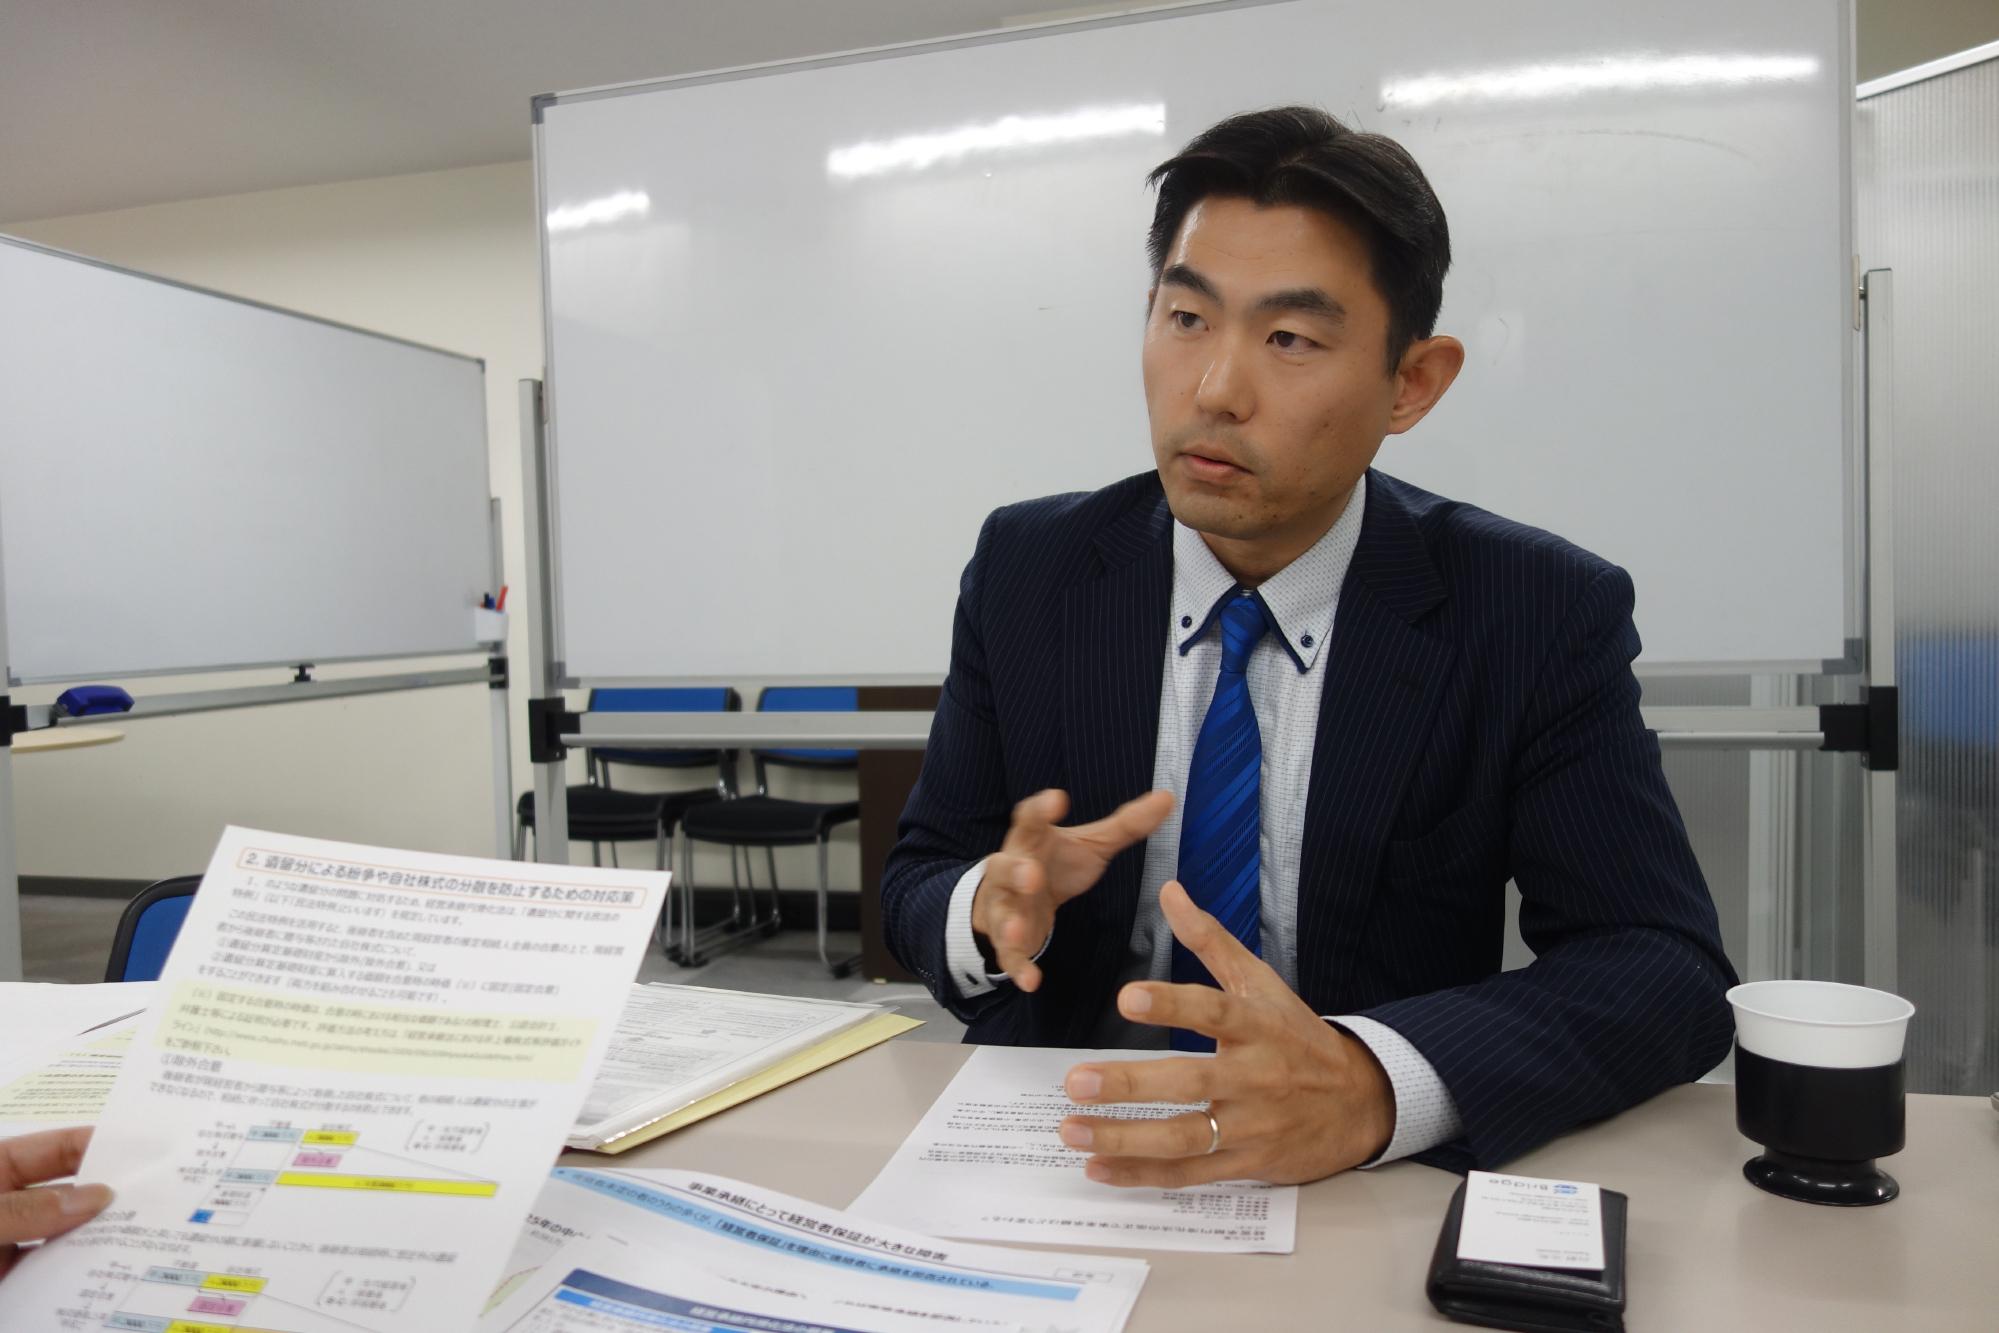 奥田雄二氏のインタビューシーン2